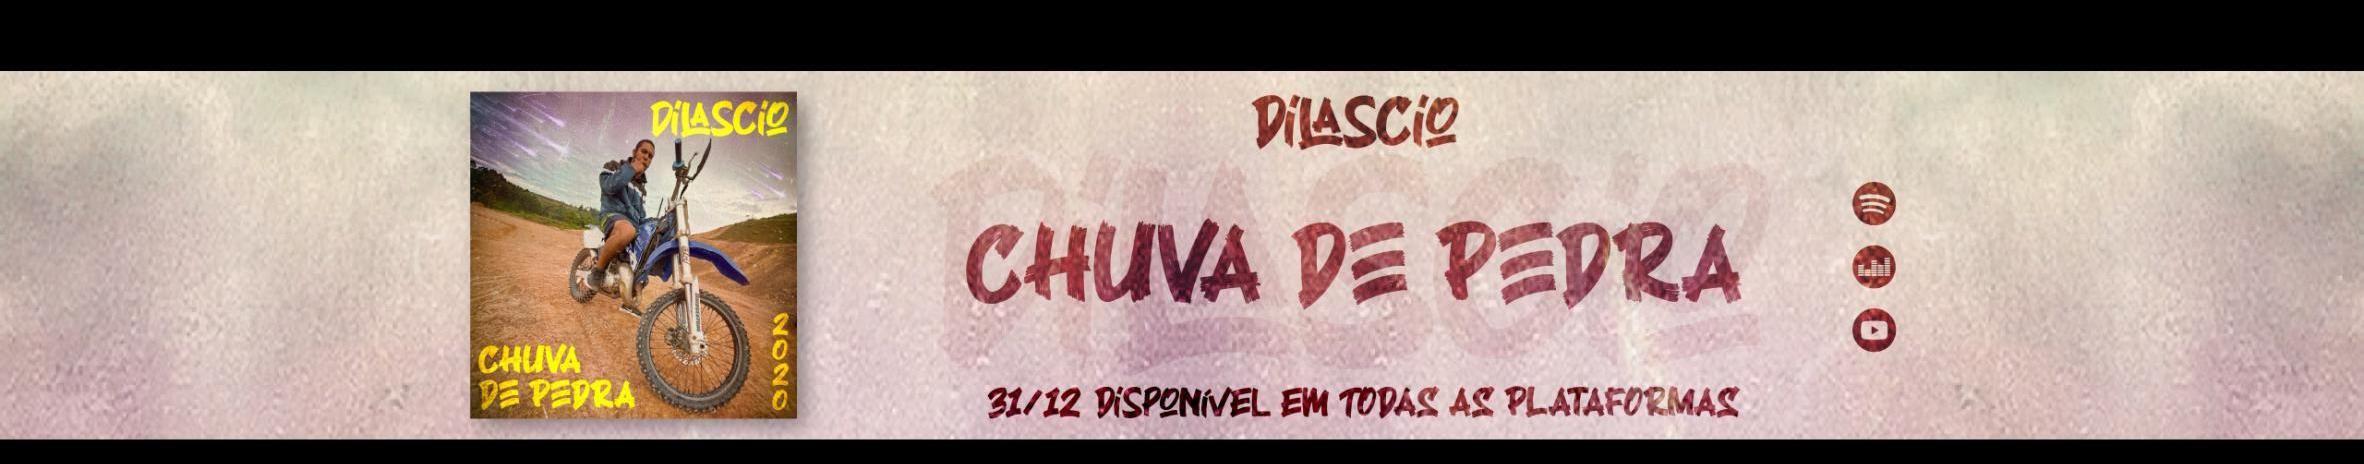 Imagem de capa de Dilascio